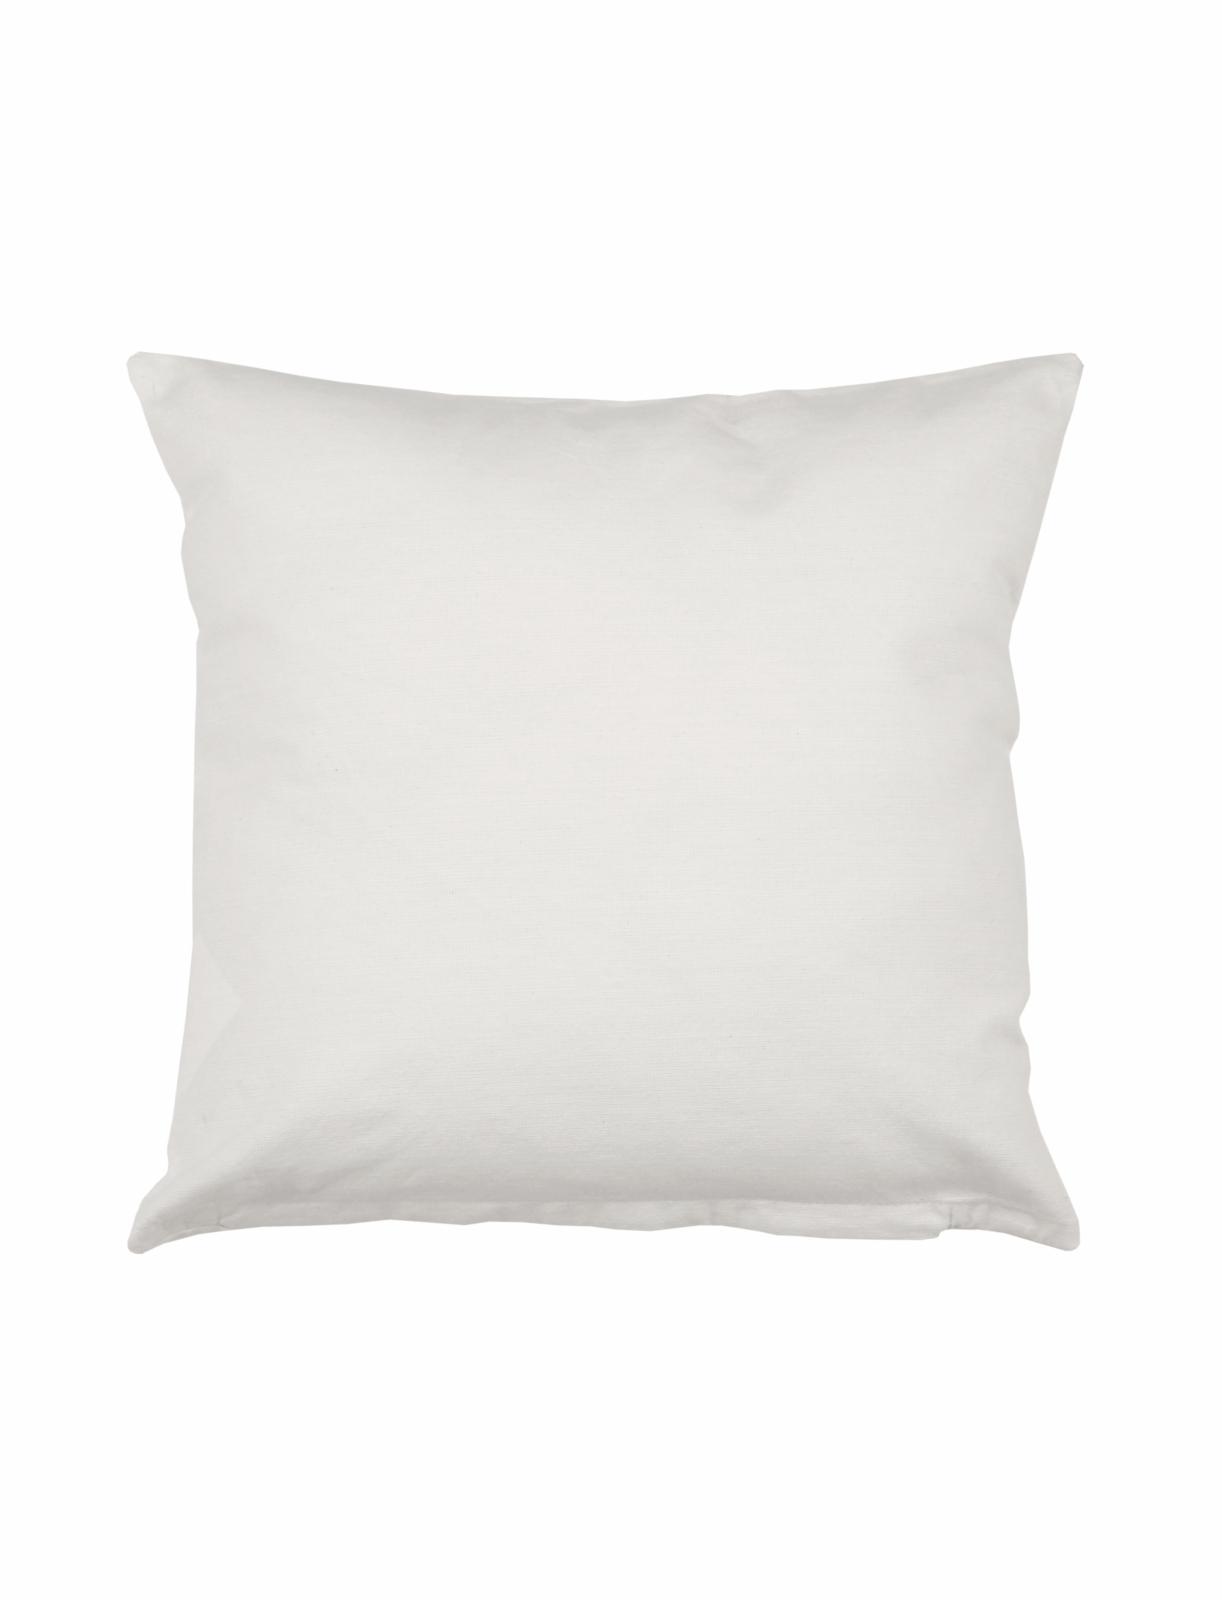 3er Pack Kissenbezüge Mit Reißverschluss Weiß 40x40 Cm